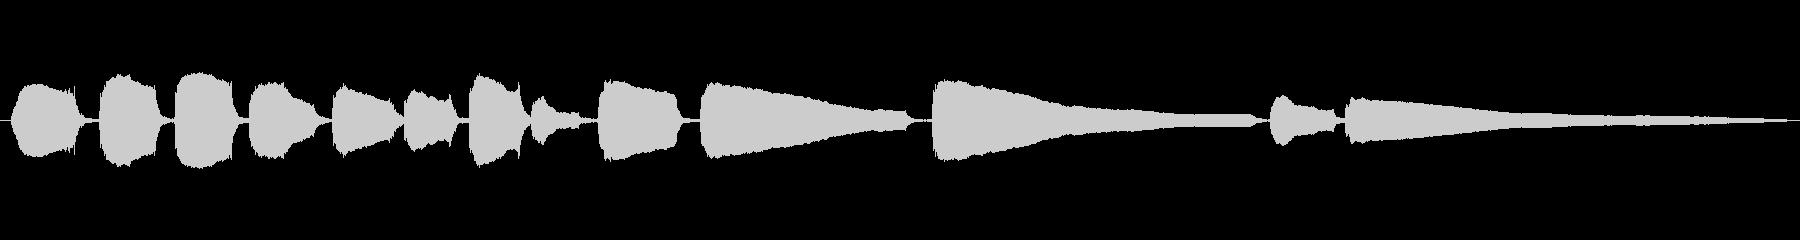 生音エレキギター3弦チューニング2の未再生の波形